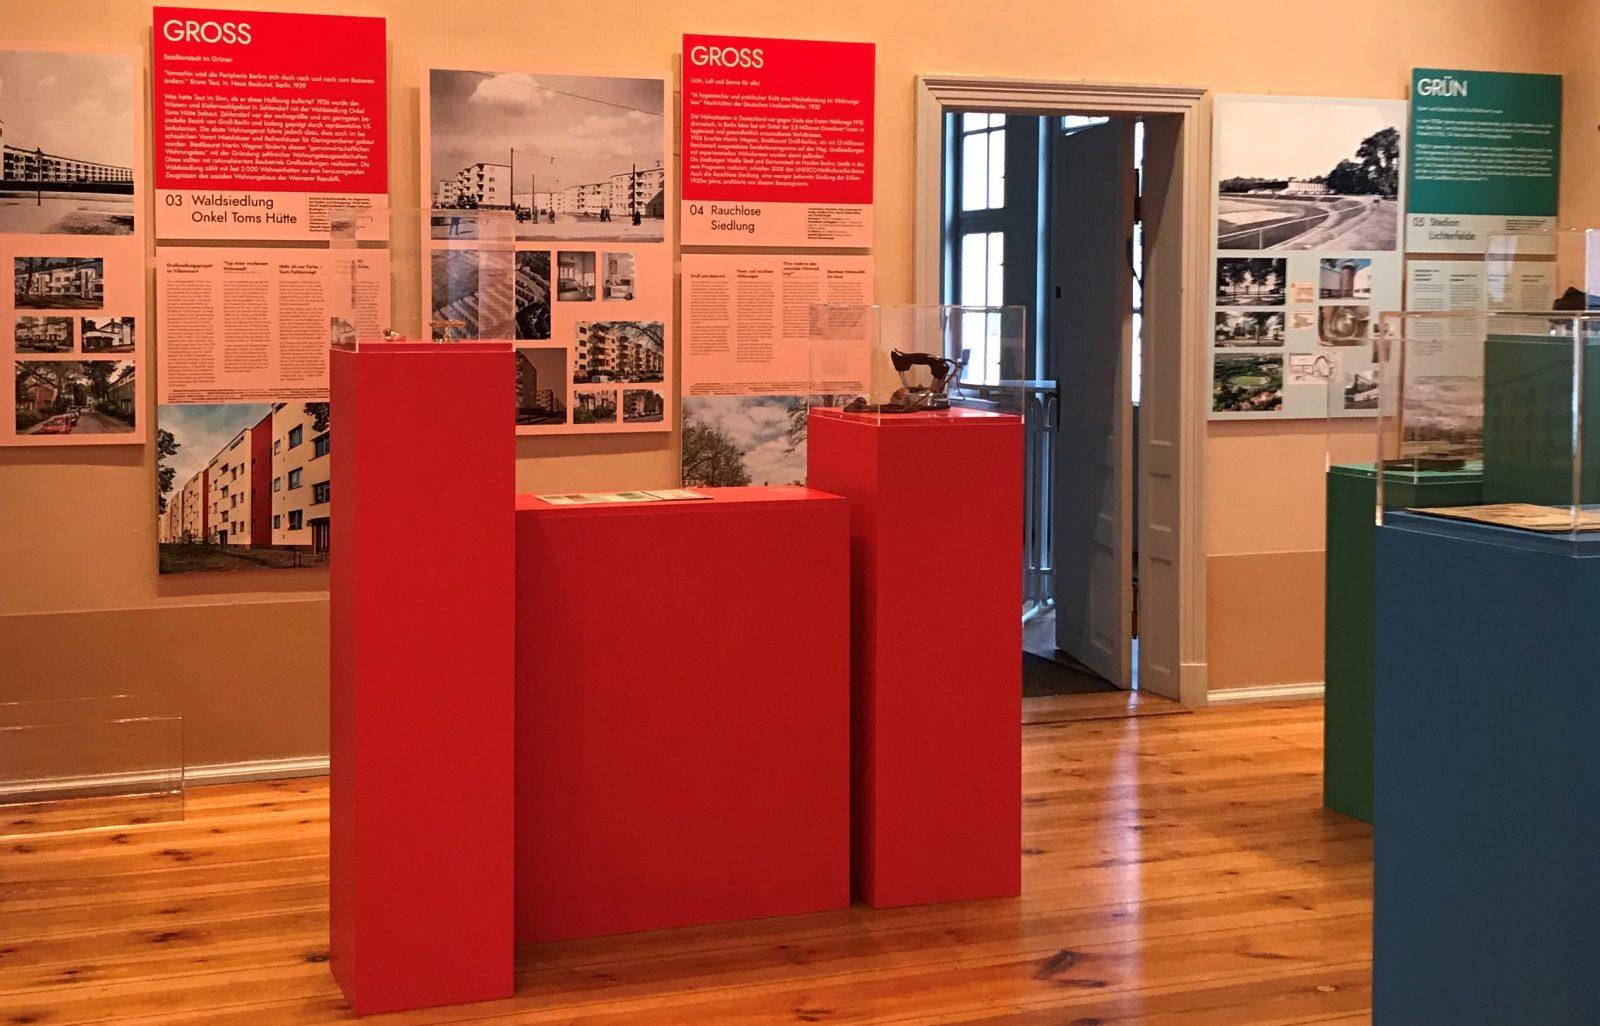 Blick in die Ausstellung Neu-Gross-Grün